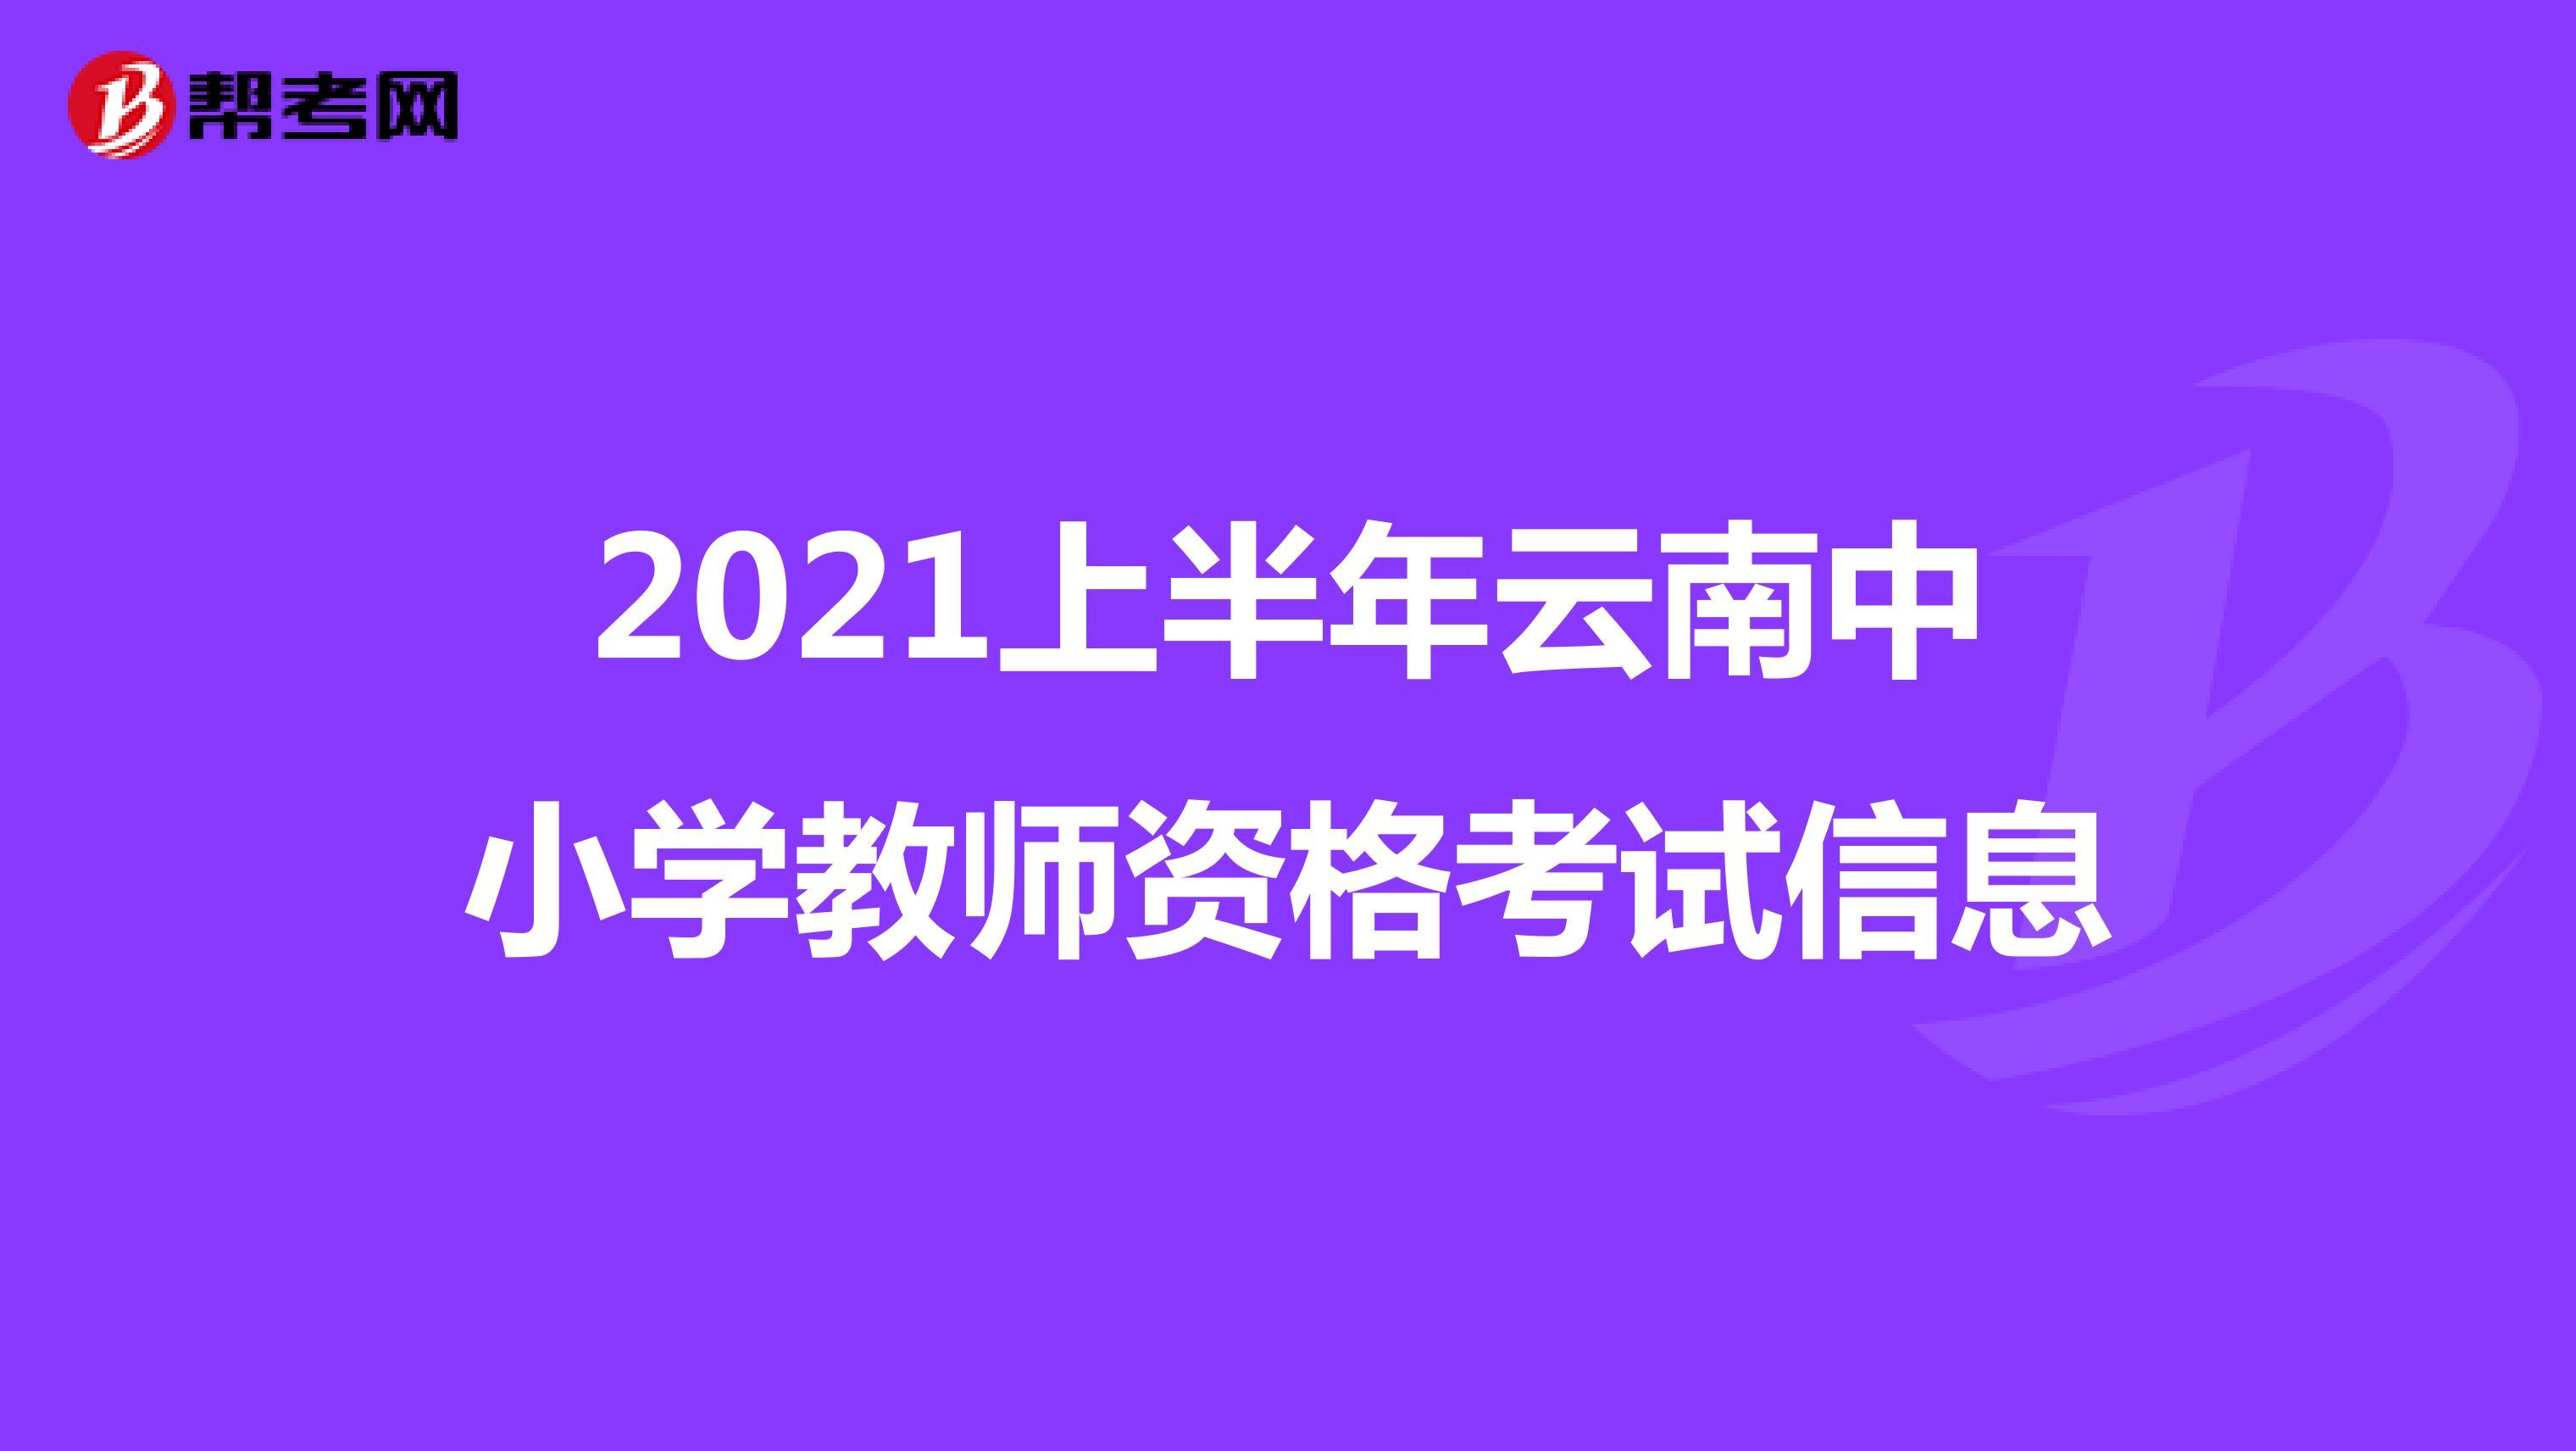 2021上半年云南中小学教师资格考试信息